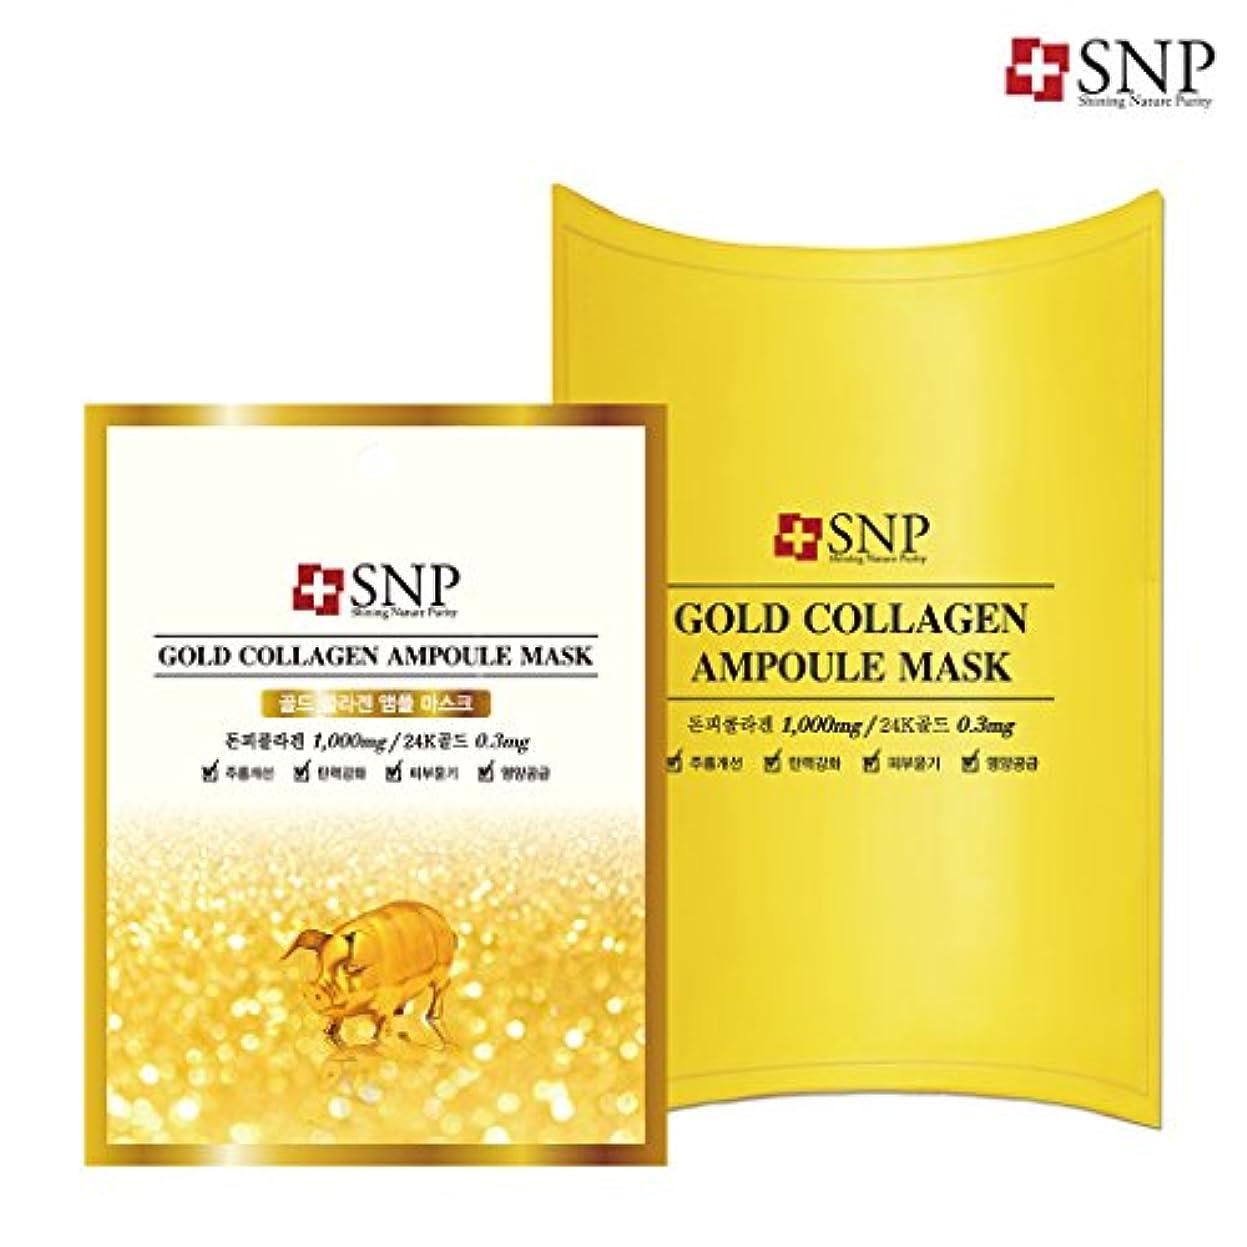 つづり飛び込む眠いですSNP ゴールド コラーゲン アンプル マスク 10枚/GOLD COLLAGEN AMPOULE MASK 10EA[海外直送品]